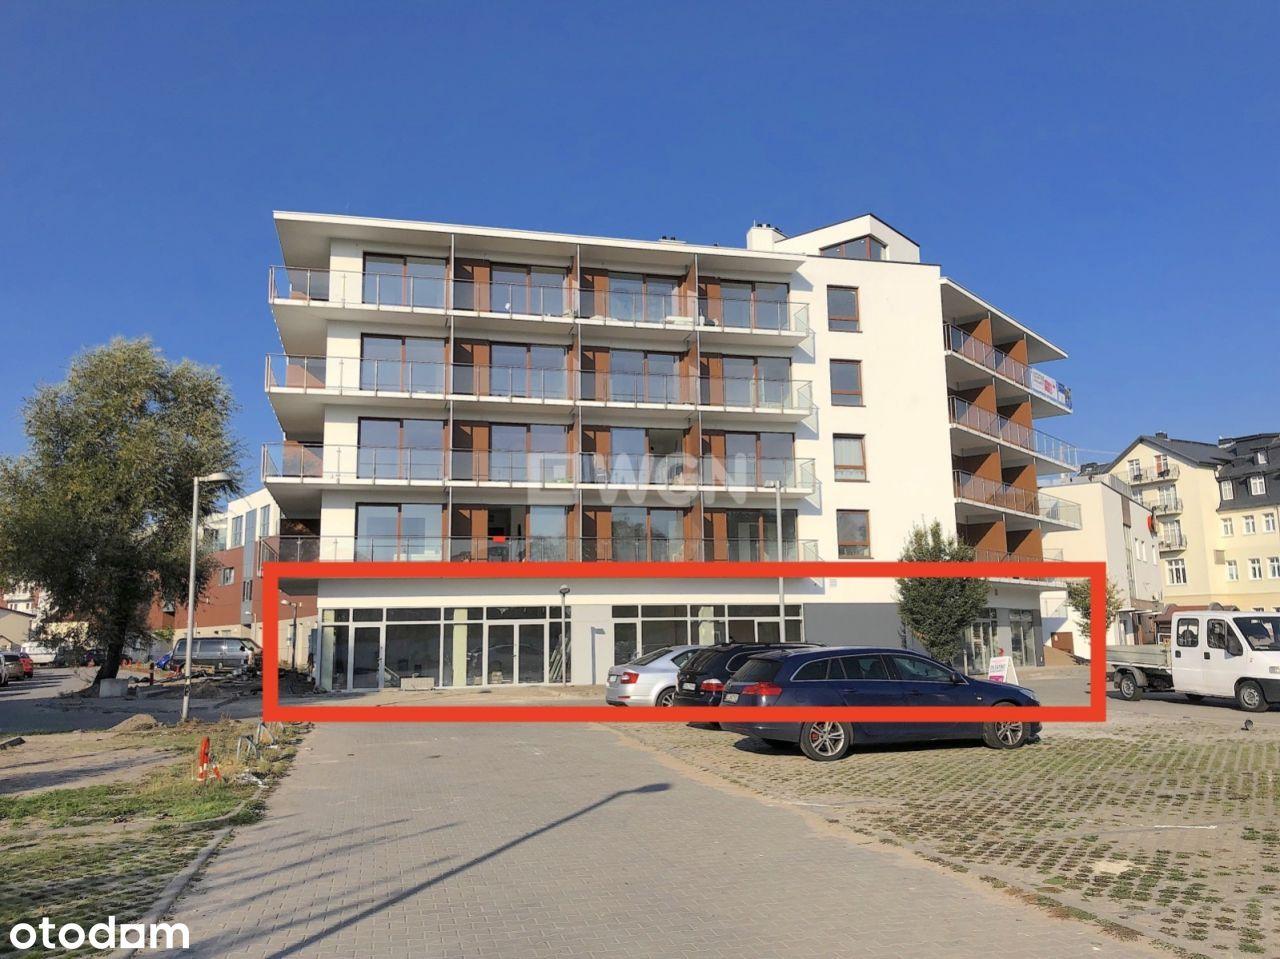 Lokal użytkowy, 125,73 m², Międzyzdroje